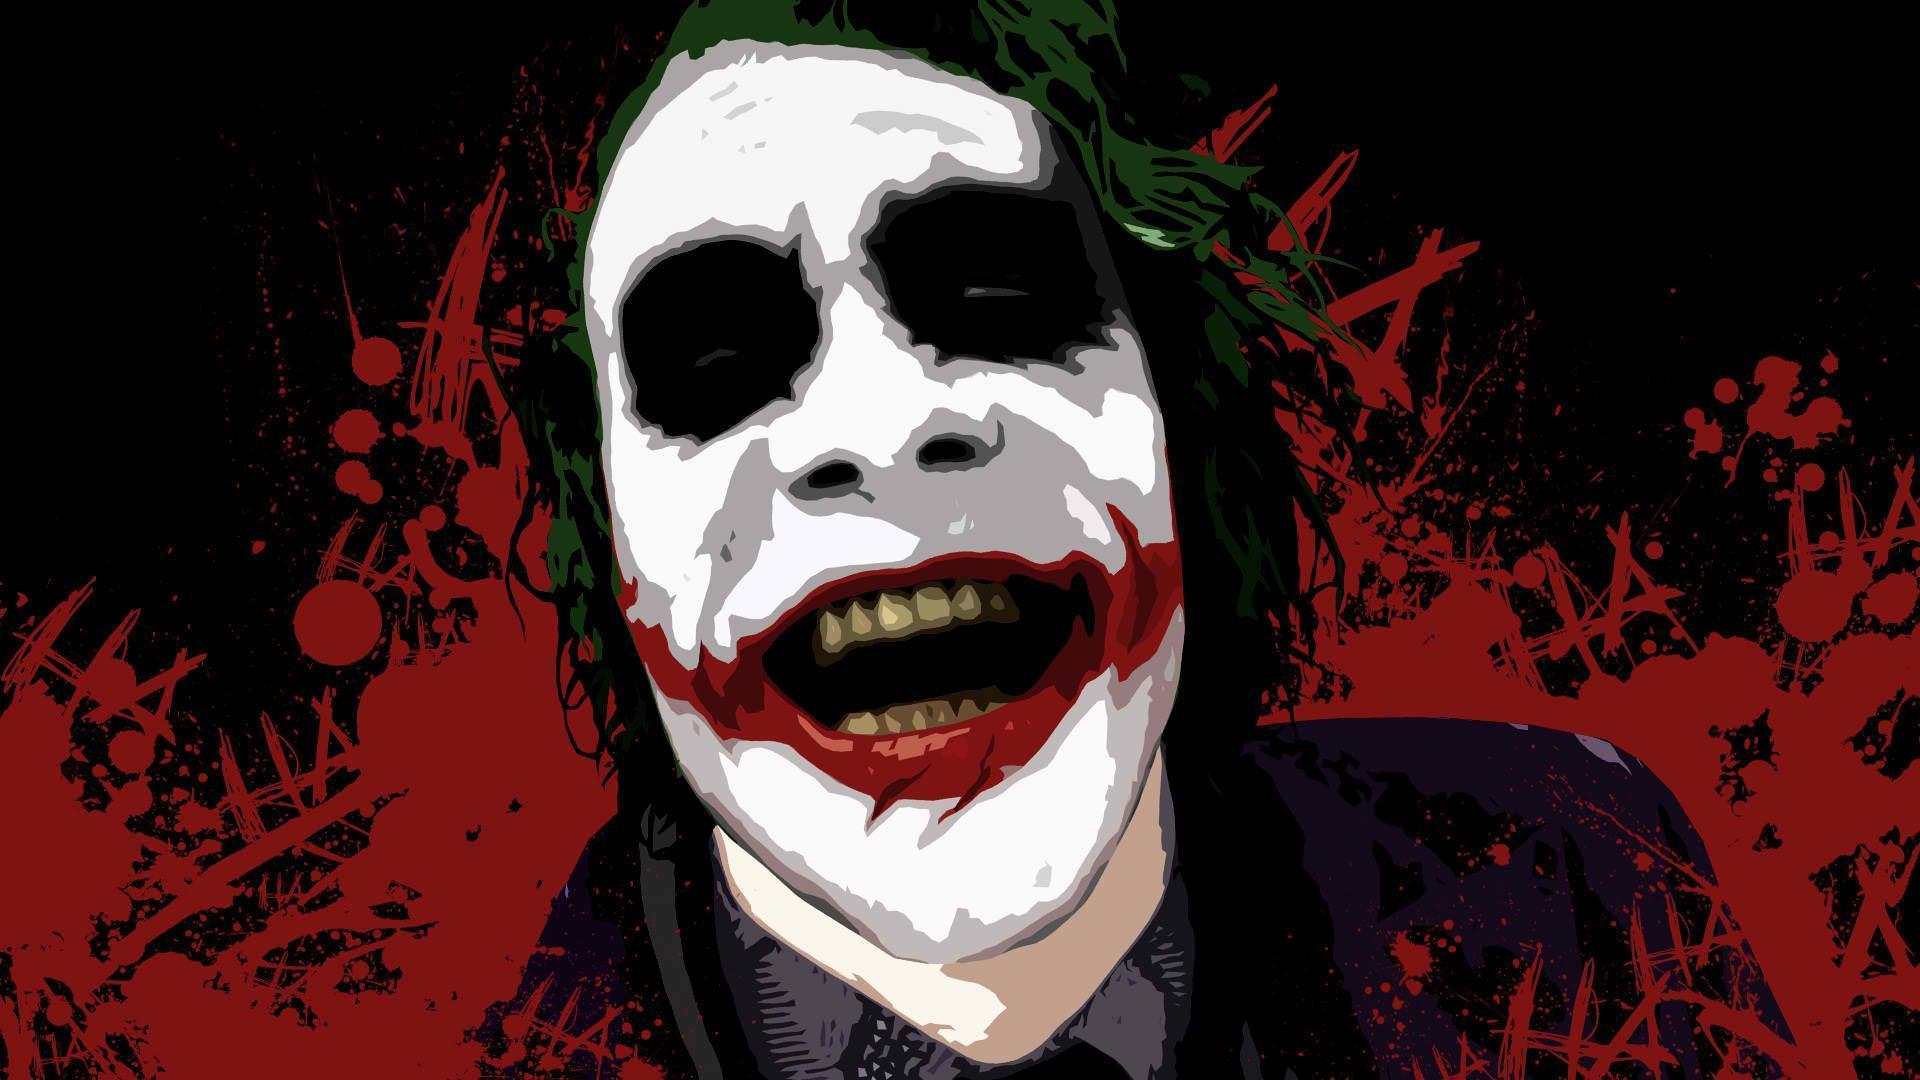 joker heath ledger wallpaper - photo #11